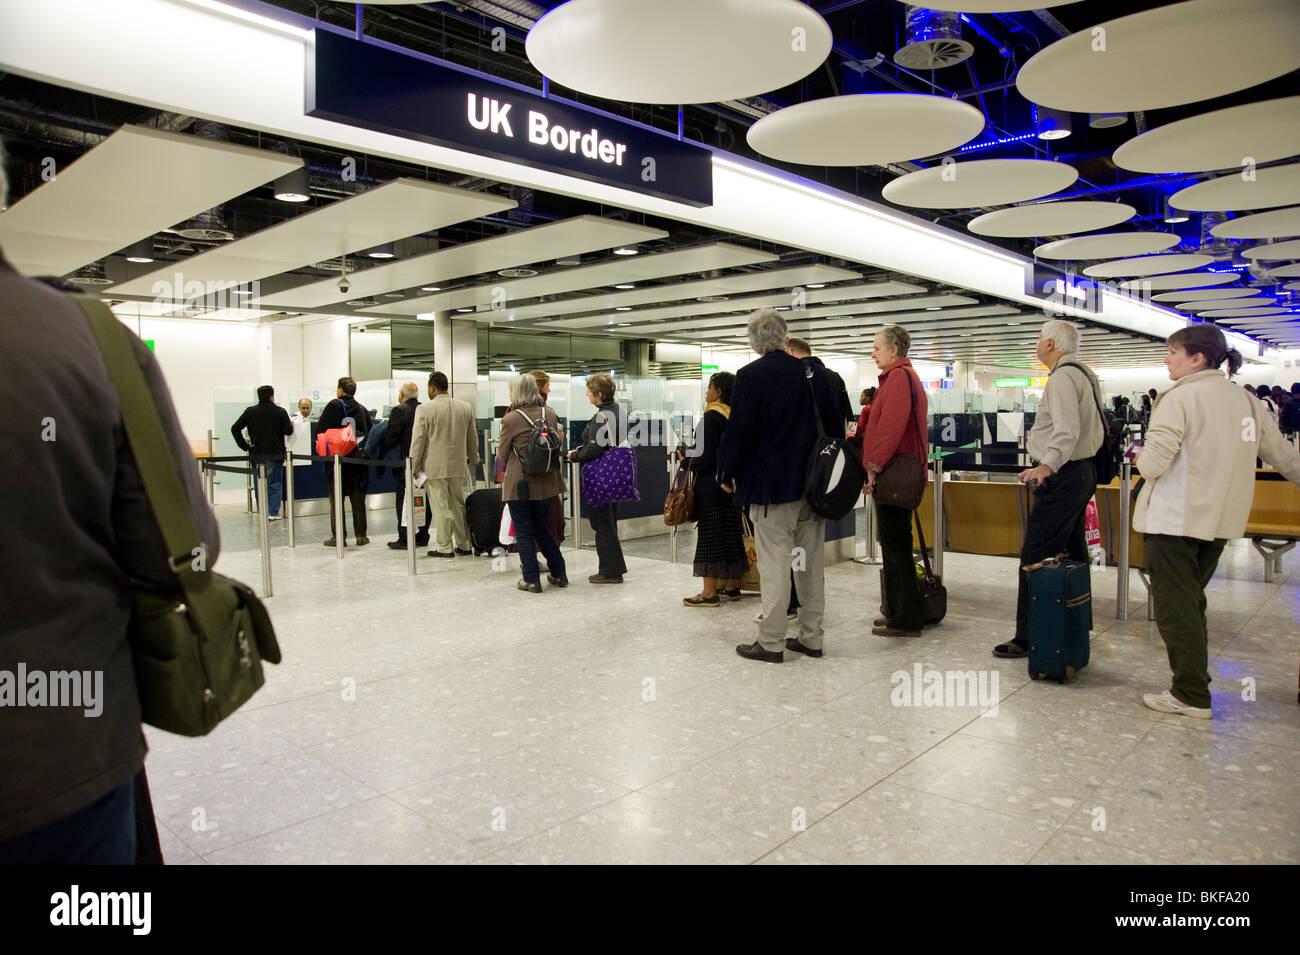 uk-border-control-checking-passports-at-